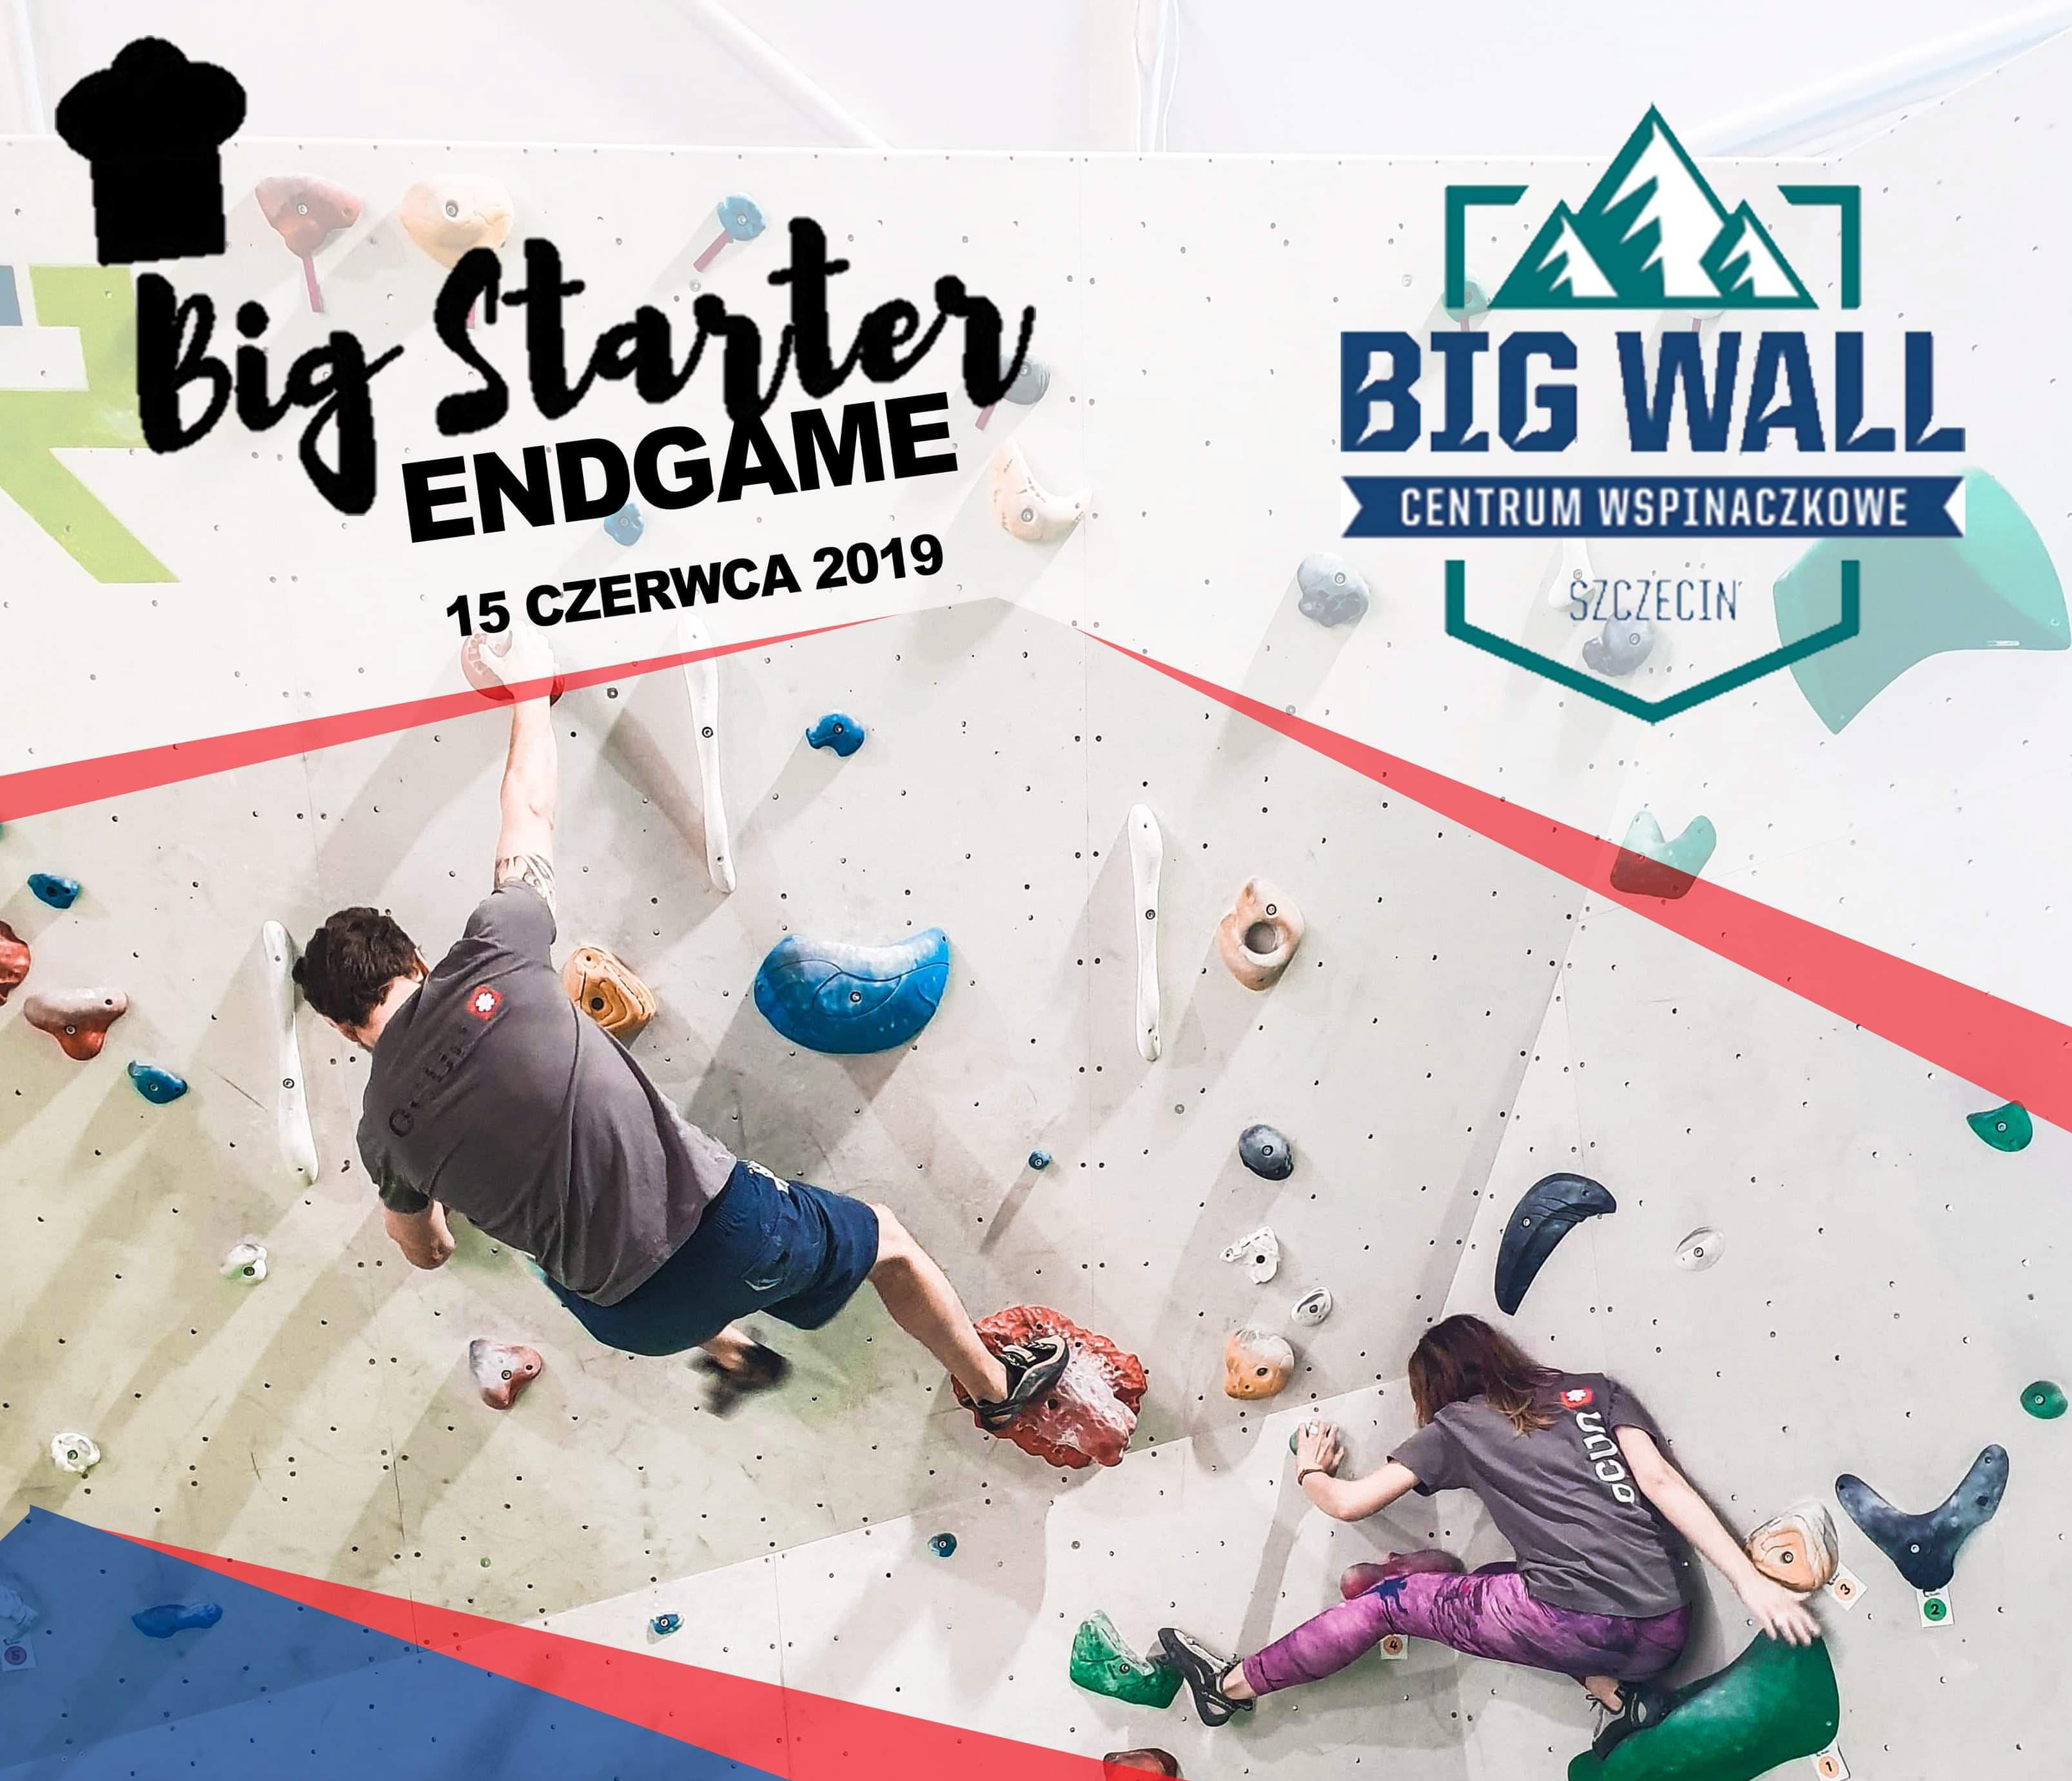 zawody wspinaczkowe big wall szczecin